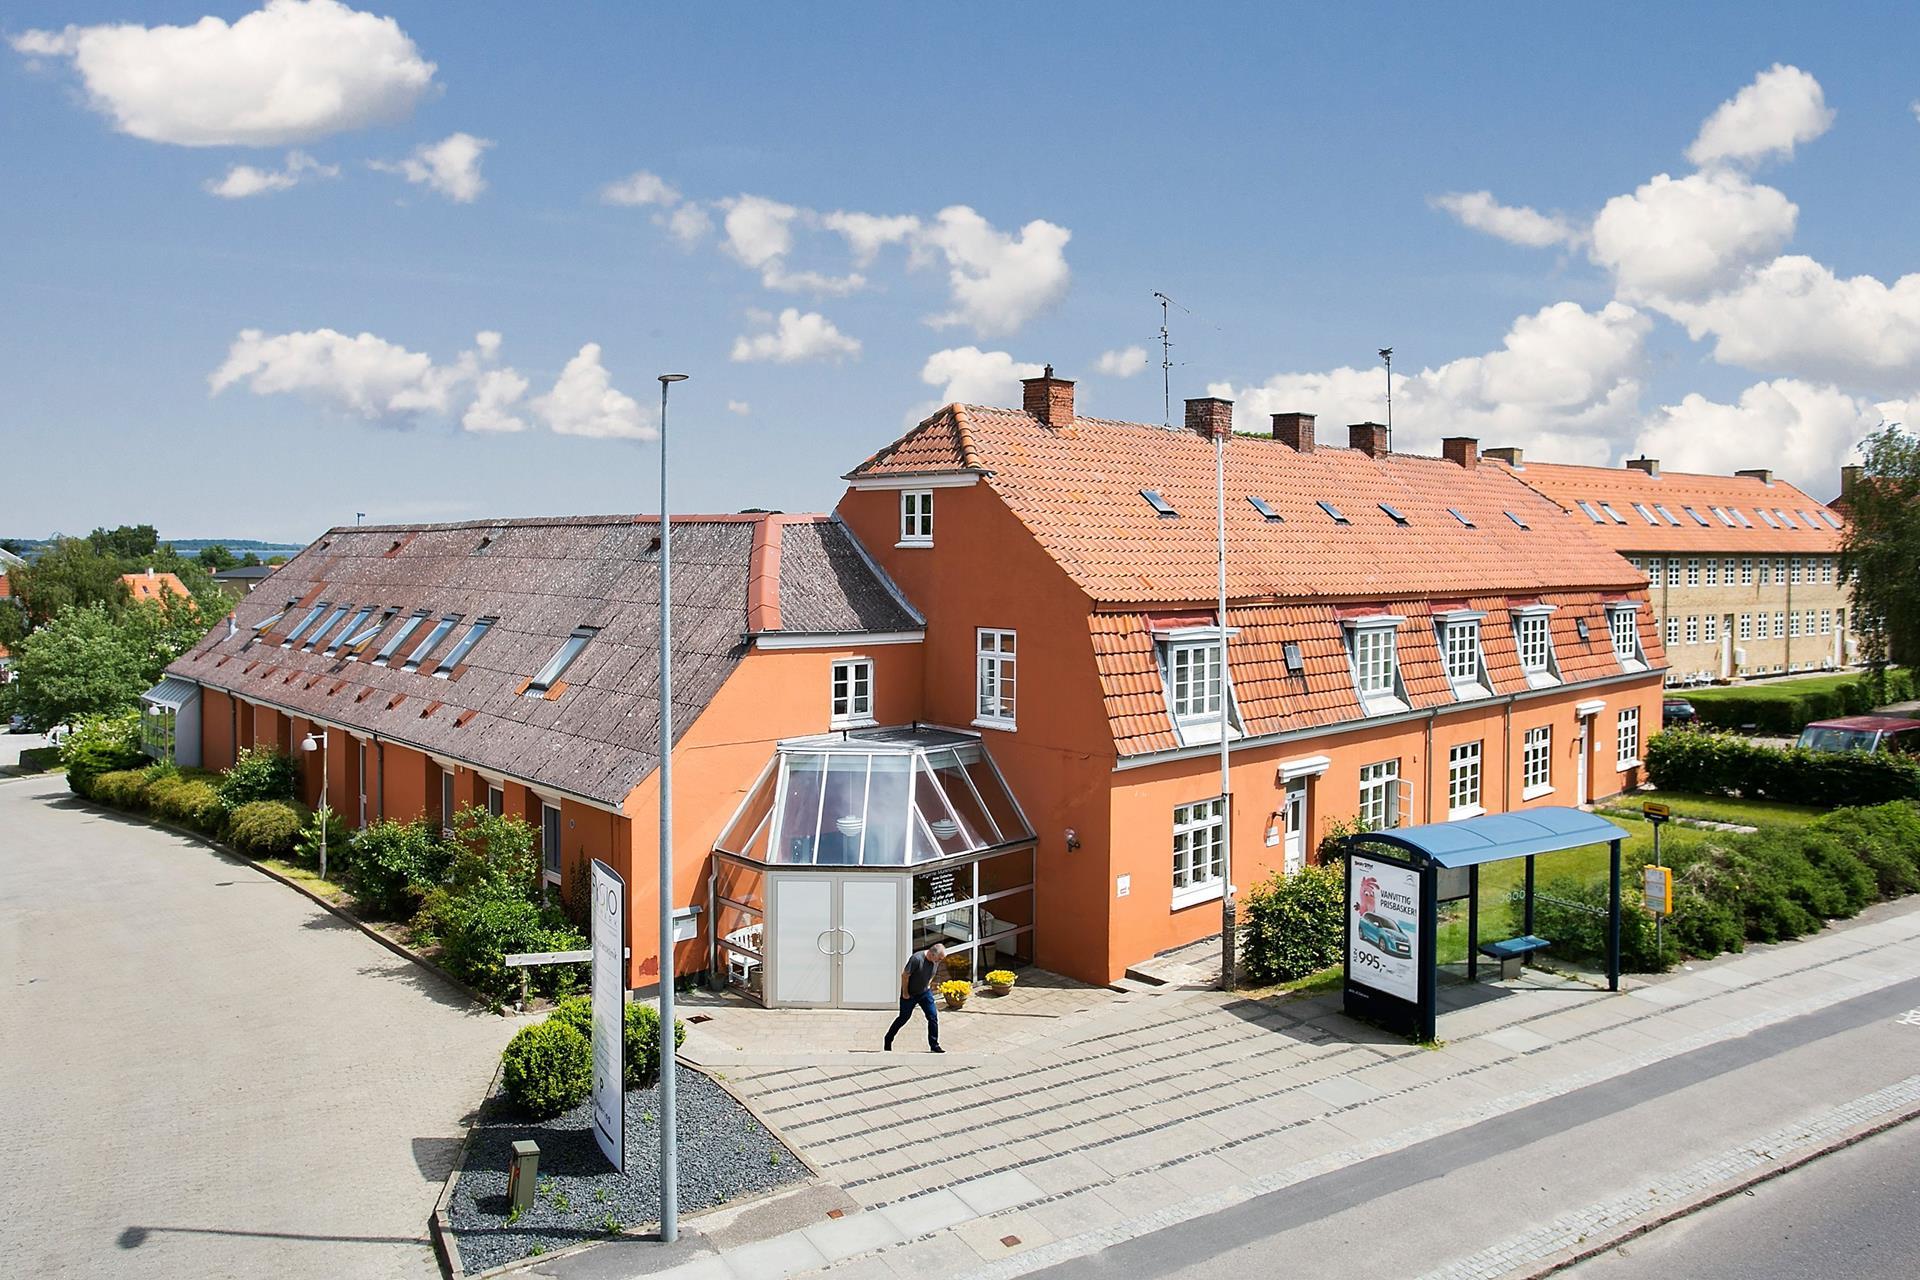 Bolig/erhverv på Munkholmvej i Holbæk - Andet